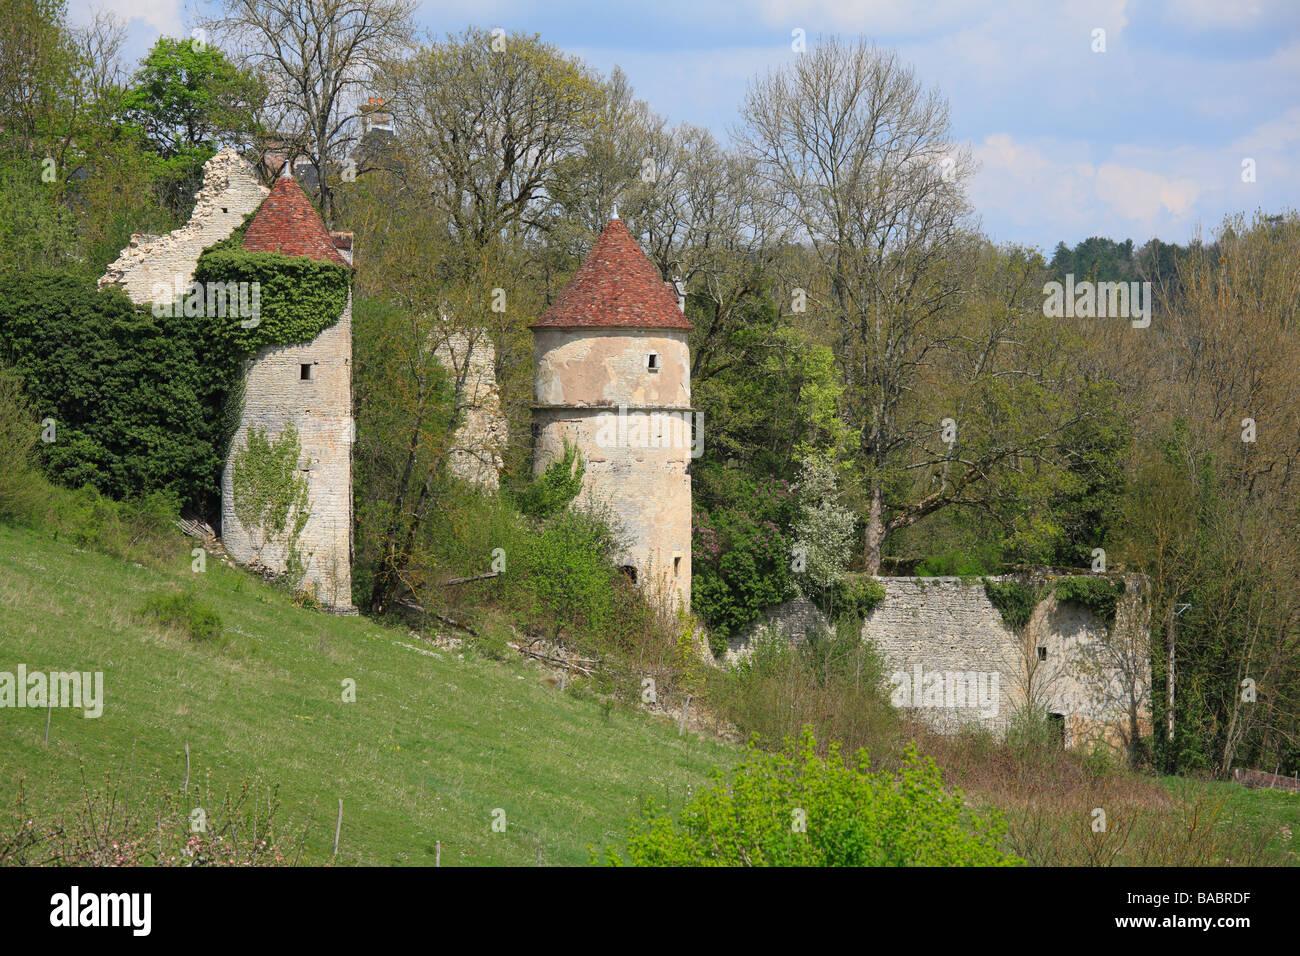 Ruinen des mittelalterlichen Schlosses in der Nähe von Chastenay, Arcy Sur Cure in Burgund, Frankreich Stockbild